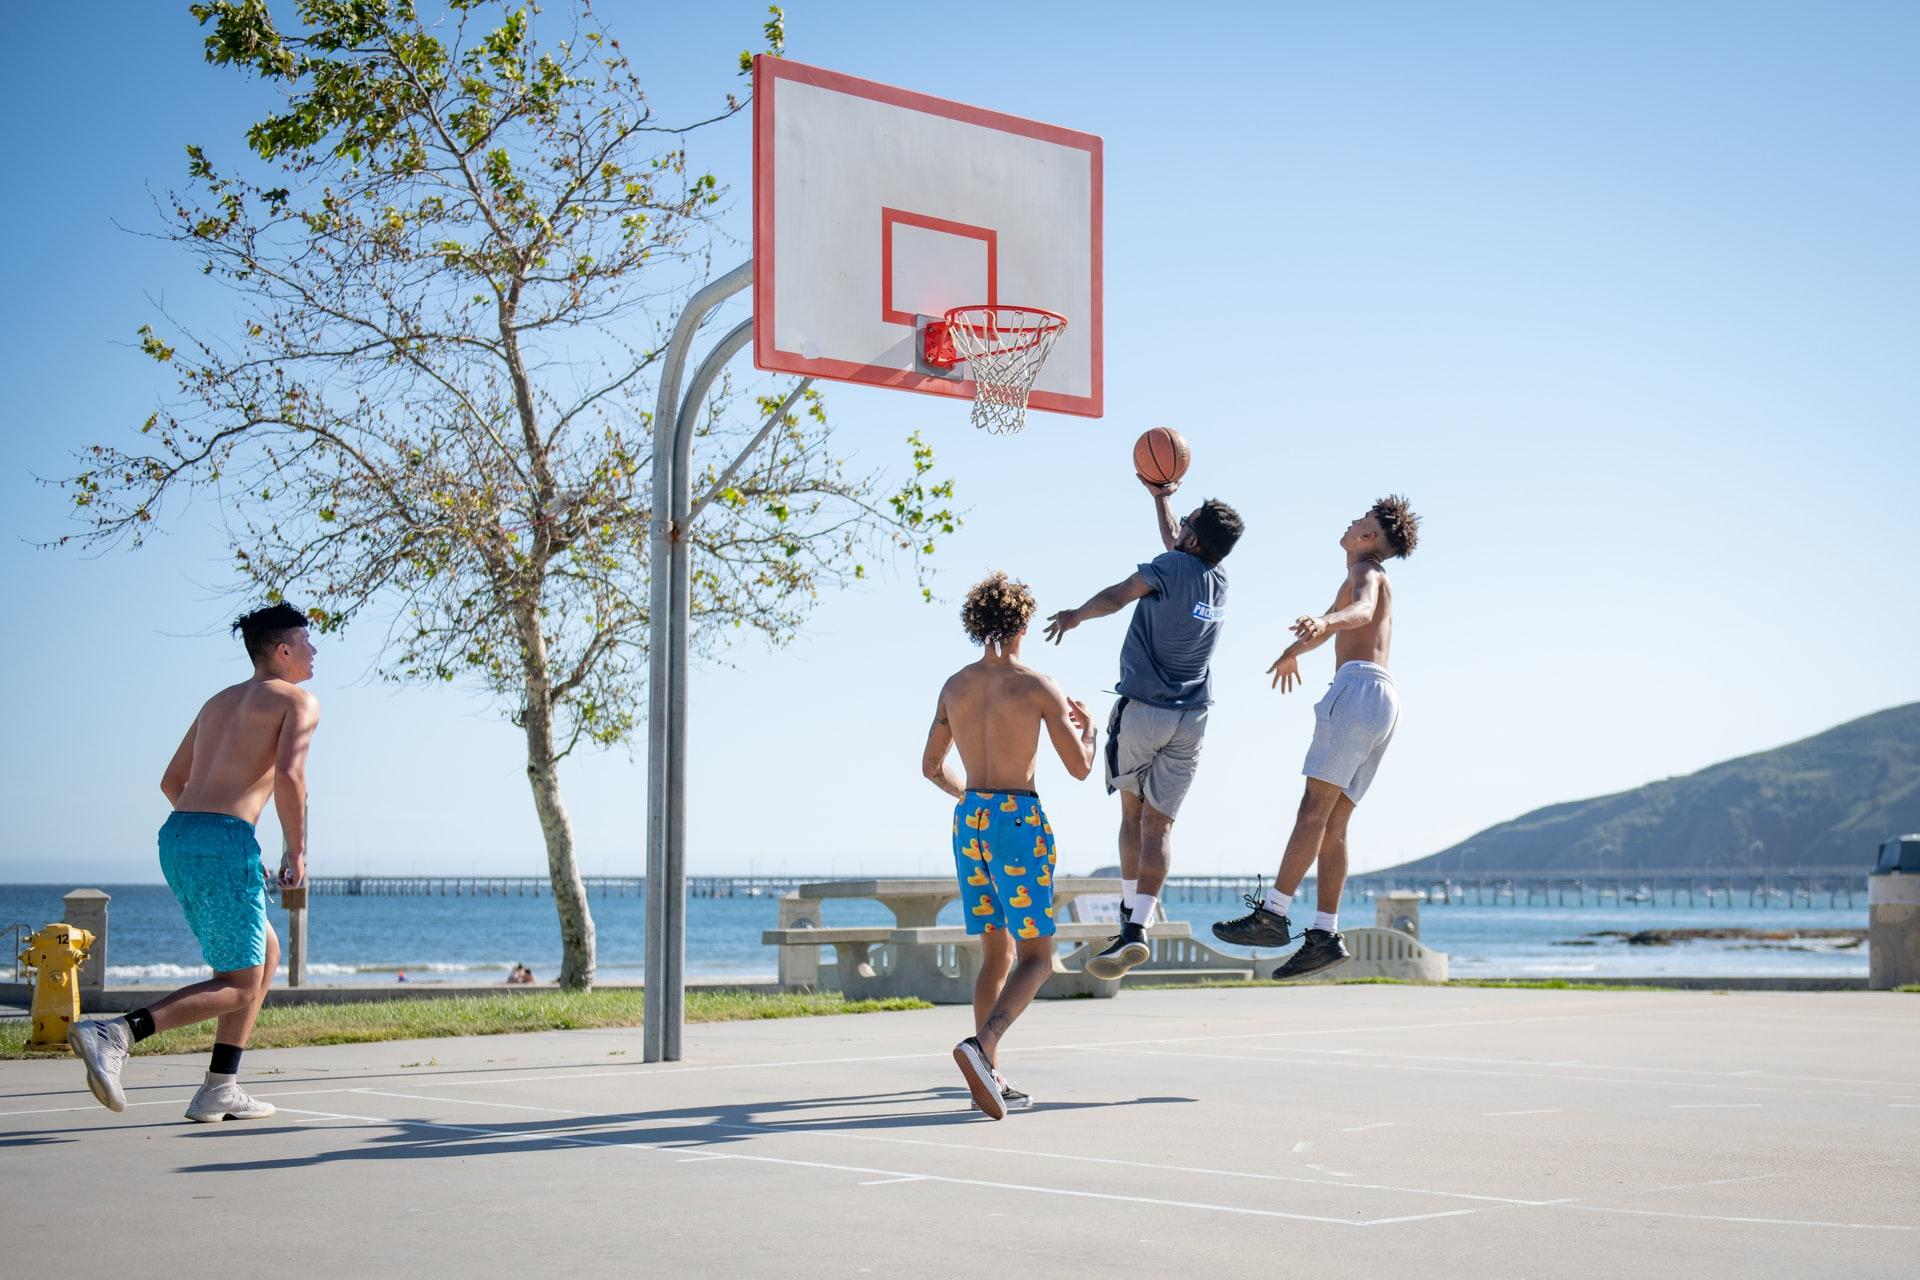 basketball-outdoor